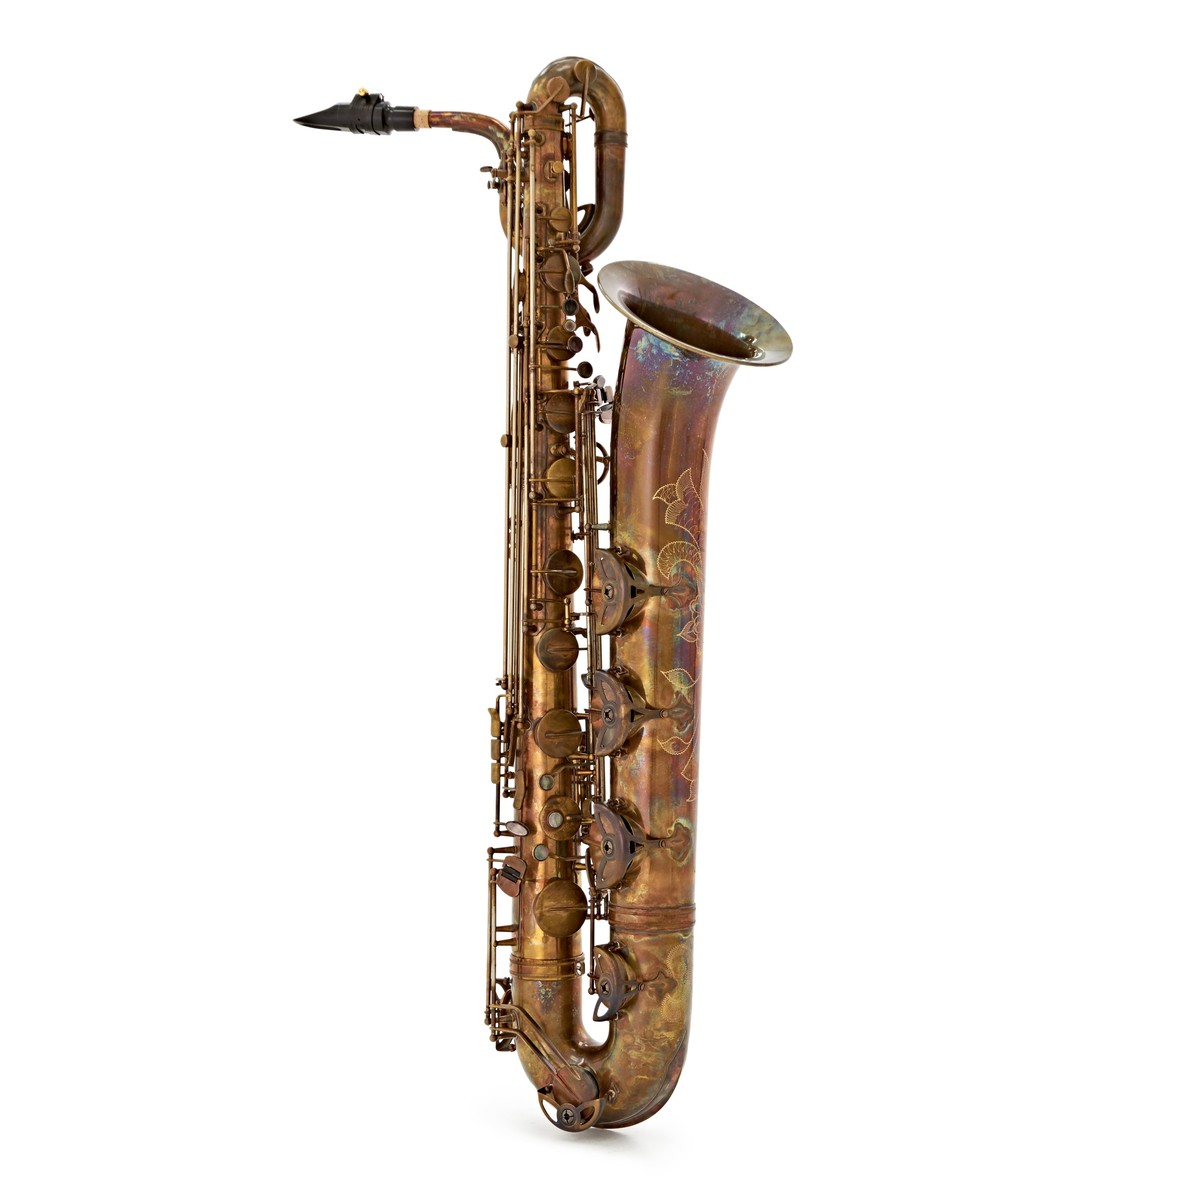 Conn-Selmer Premiere PBS380V Baritone Saxophone